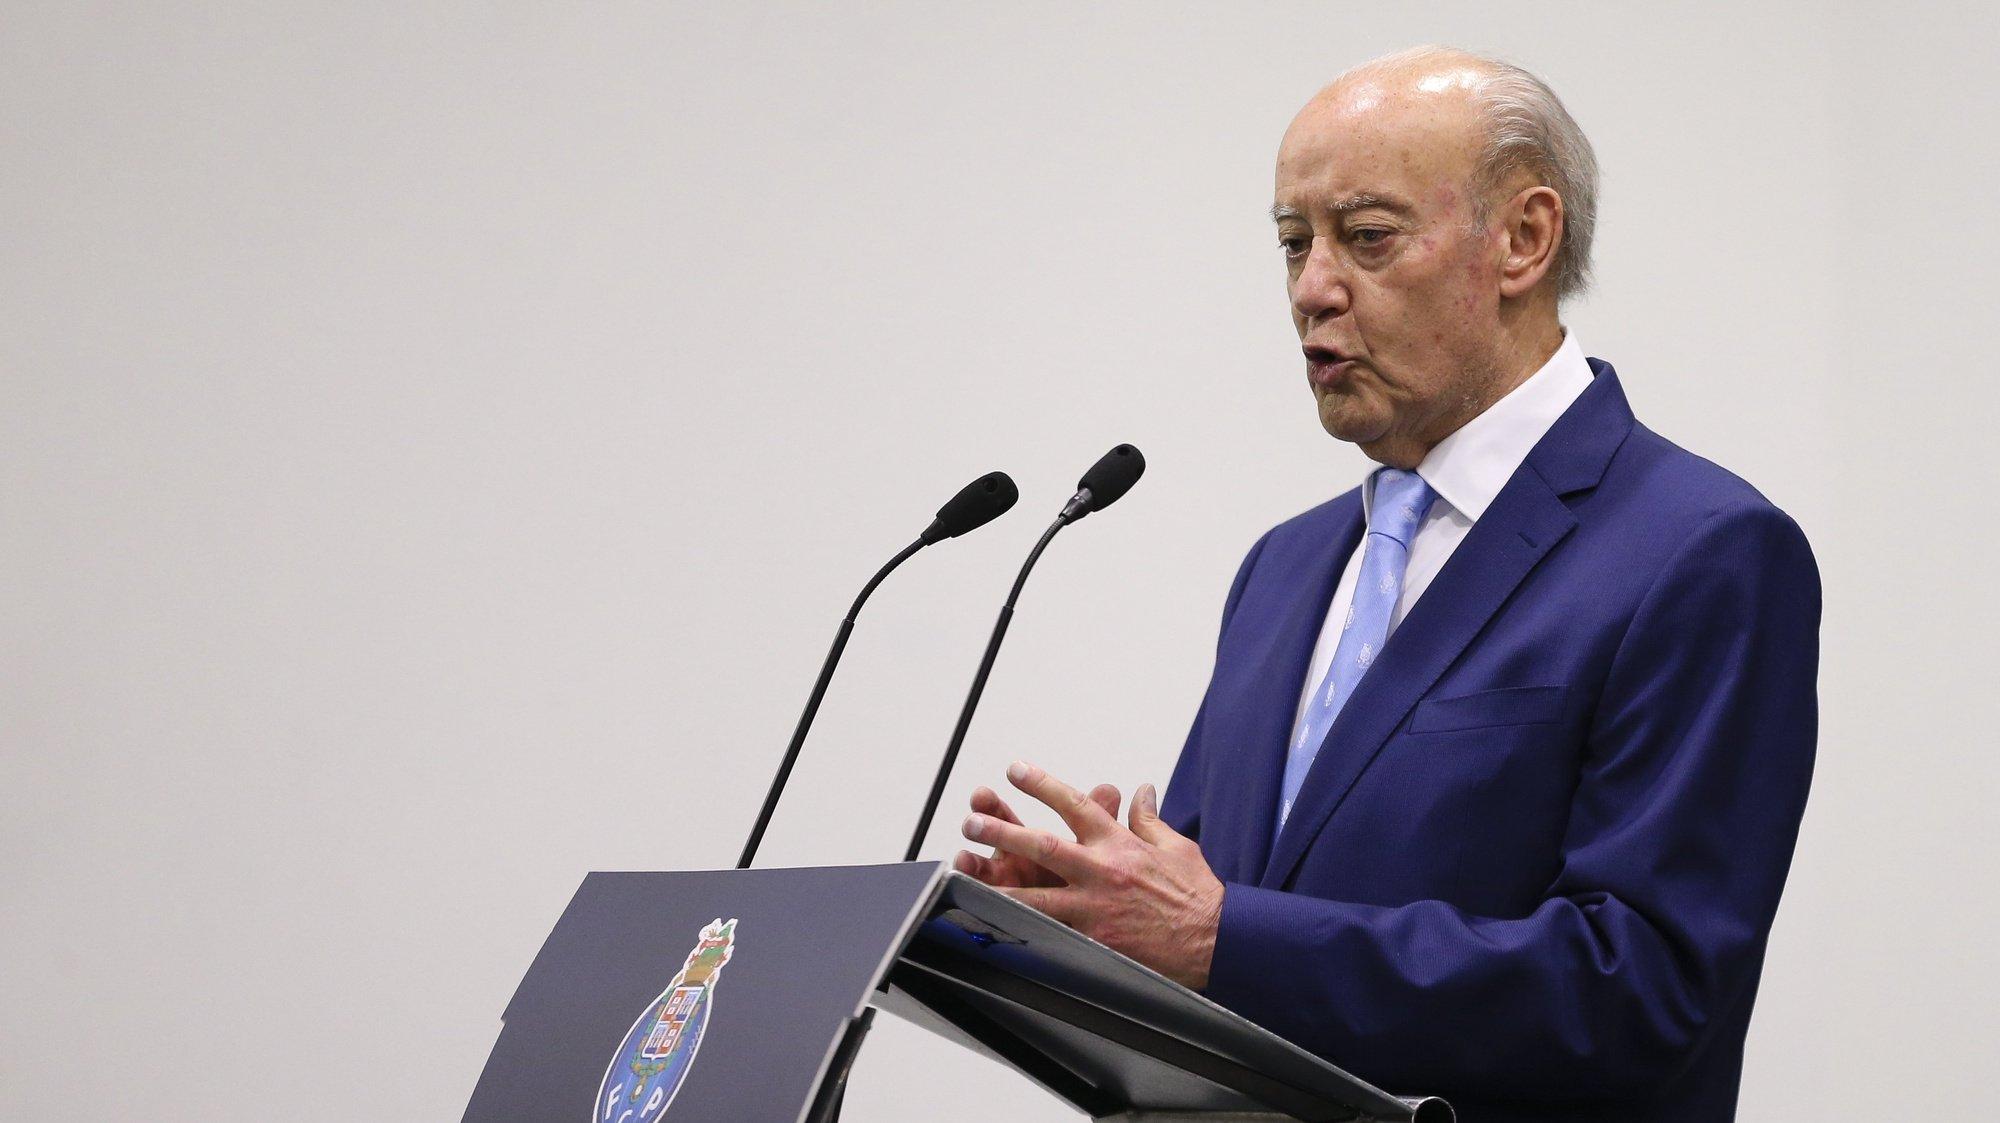 O presidente reeleito do FC Porto, Jorge Nuno Pinto da Costa discursa durante a tomada de posse dos órgãos sociais do FC Porto, no estádio do Dragão, Porto, 9 de junho de 2020. JOSÉ COELHO/LUSA